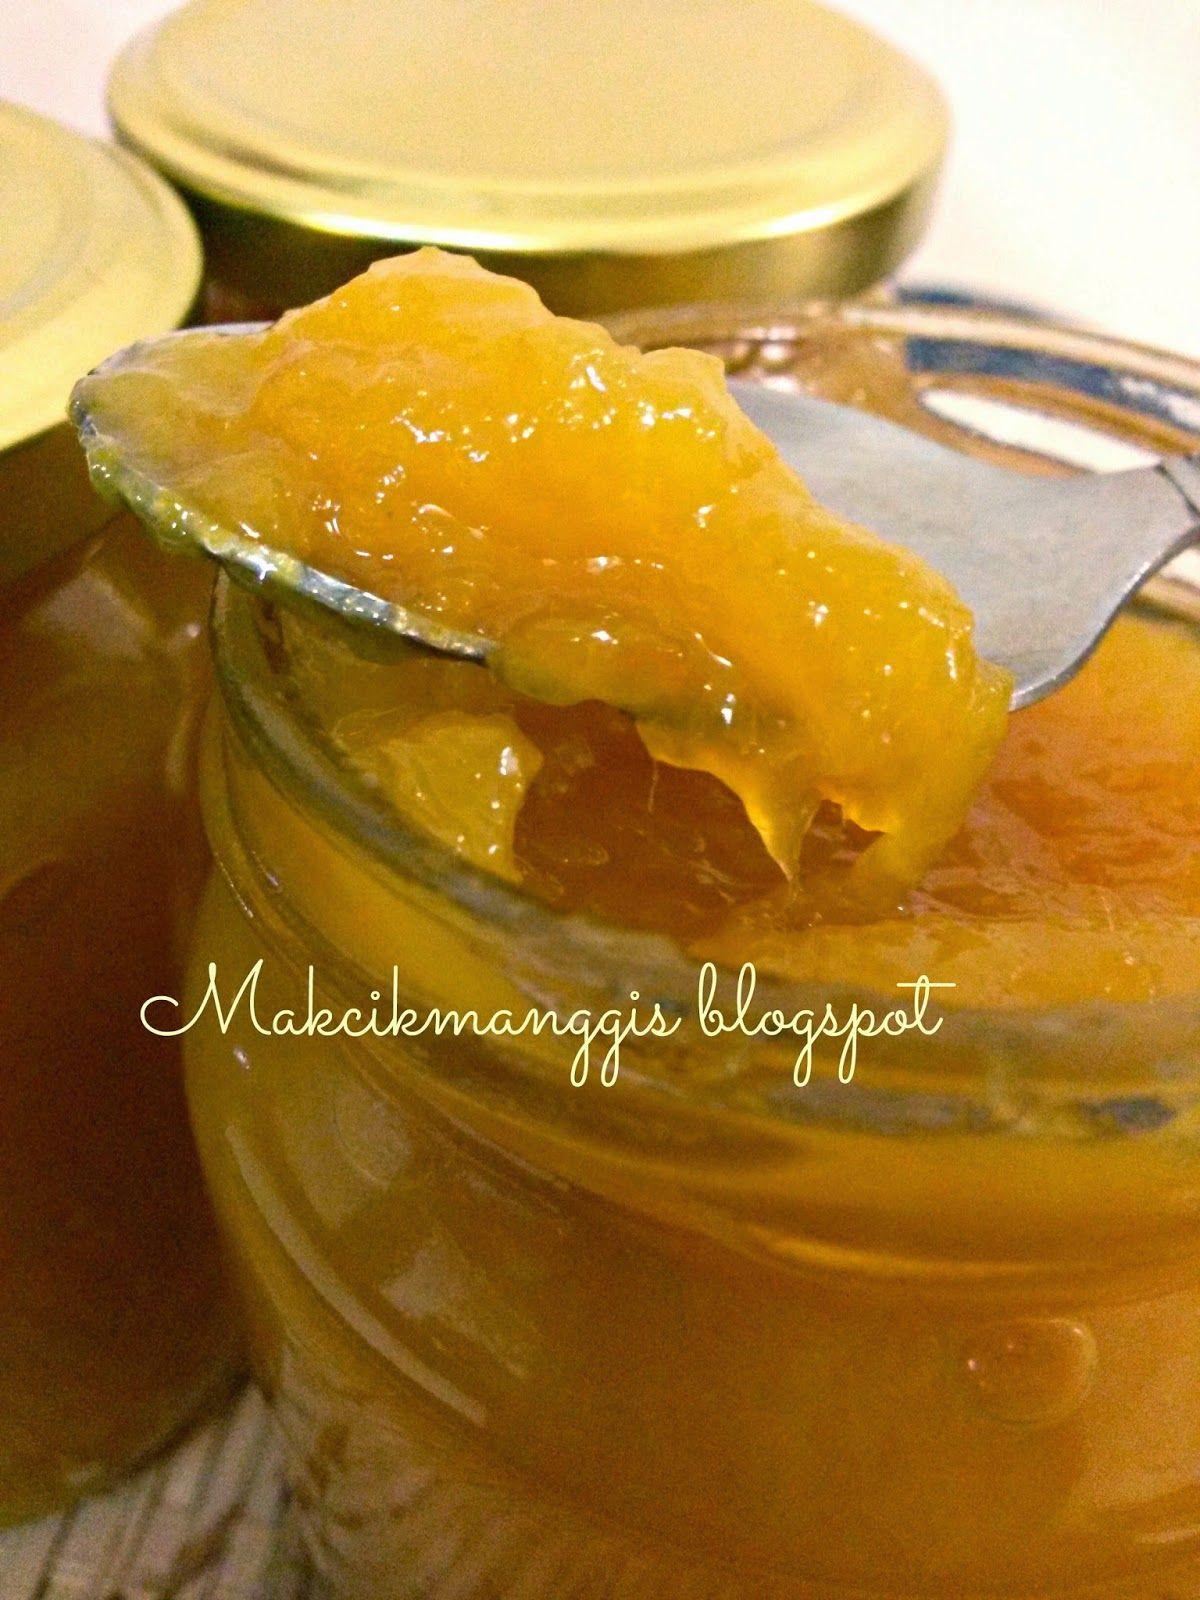 Jem Mangga Bahan Bahannya 1 Kg Mangga Yang Masak Ranum 3 X2f 4 Cawan Gula Pasir 1 Biji Jus Lemon 1 Cawan Air Cara Caranya Makanan